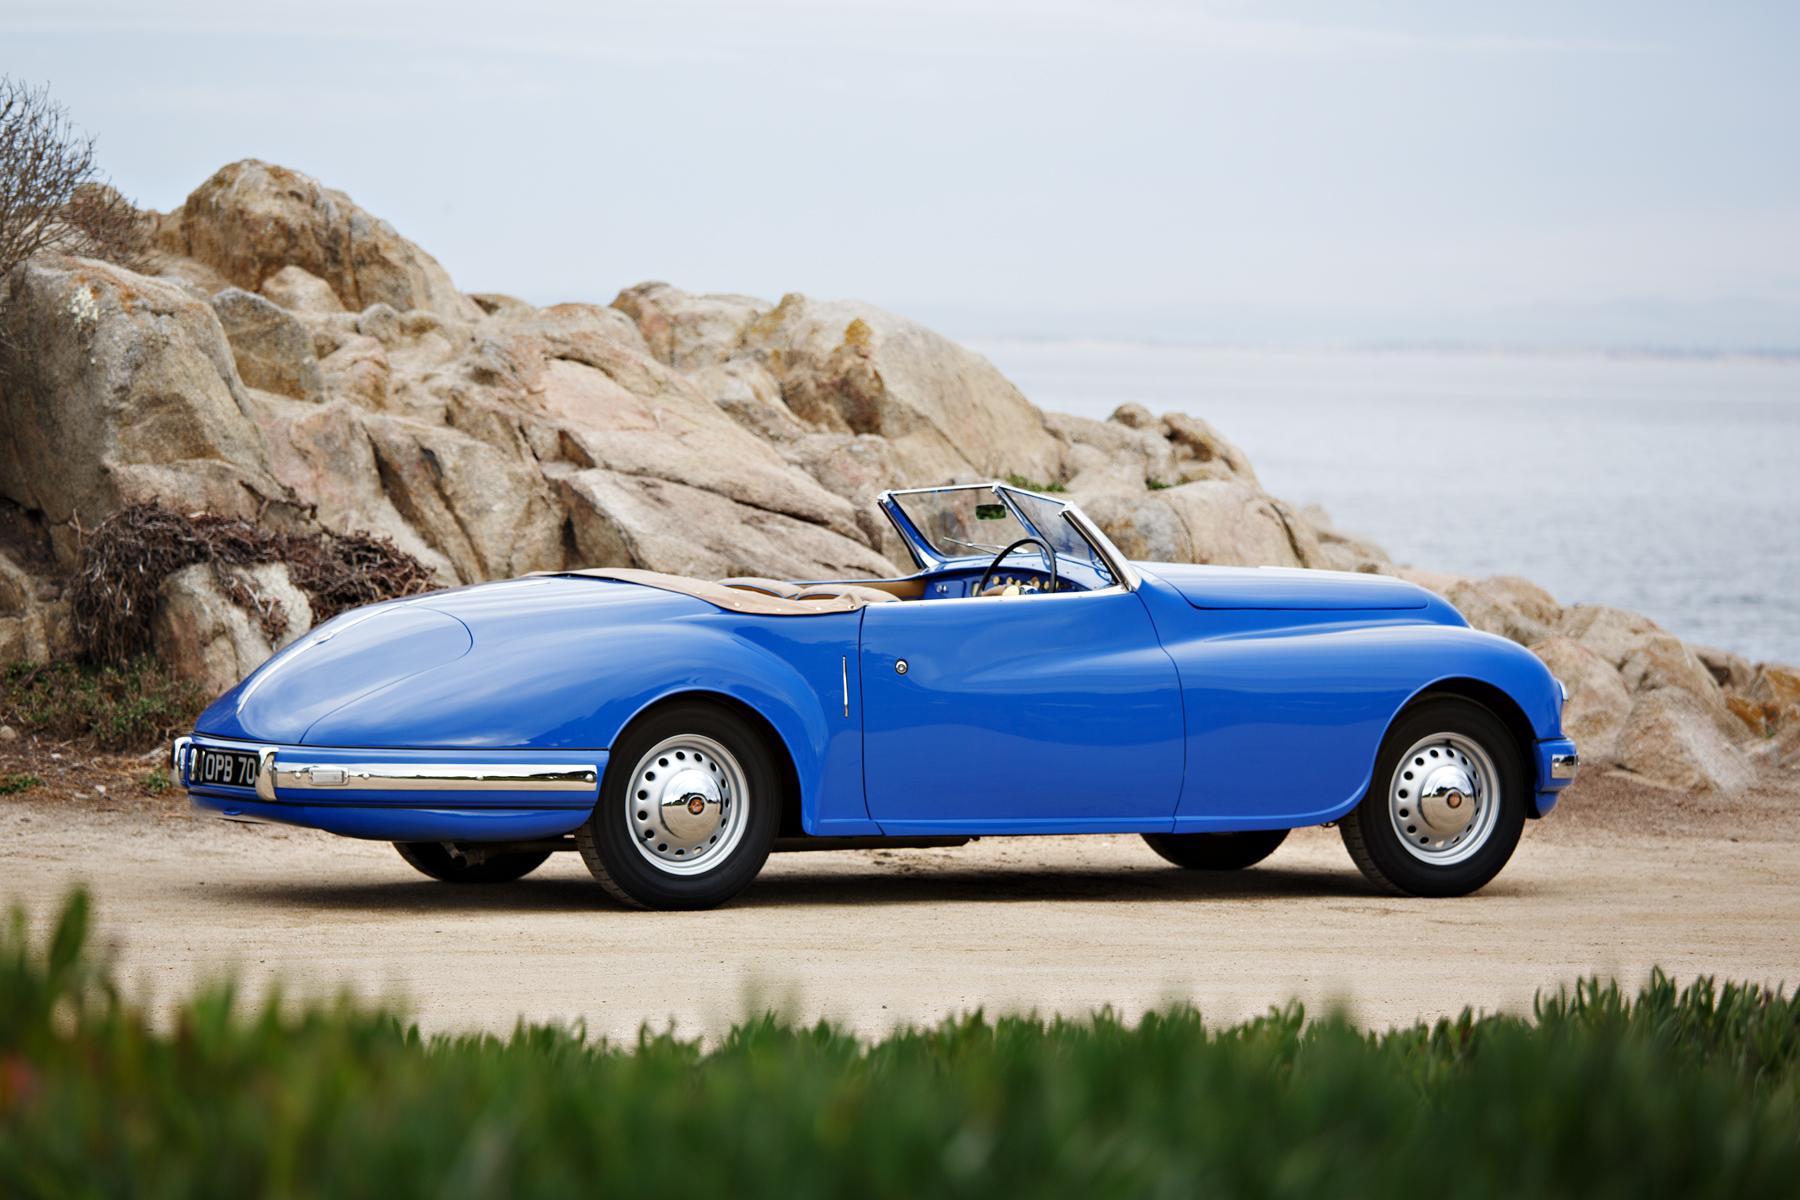 1949 Bristol 402 Cabriolet profile